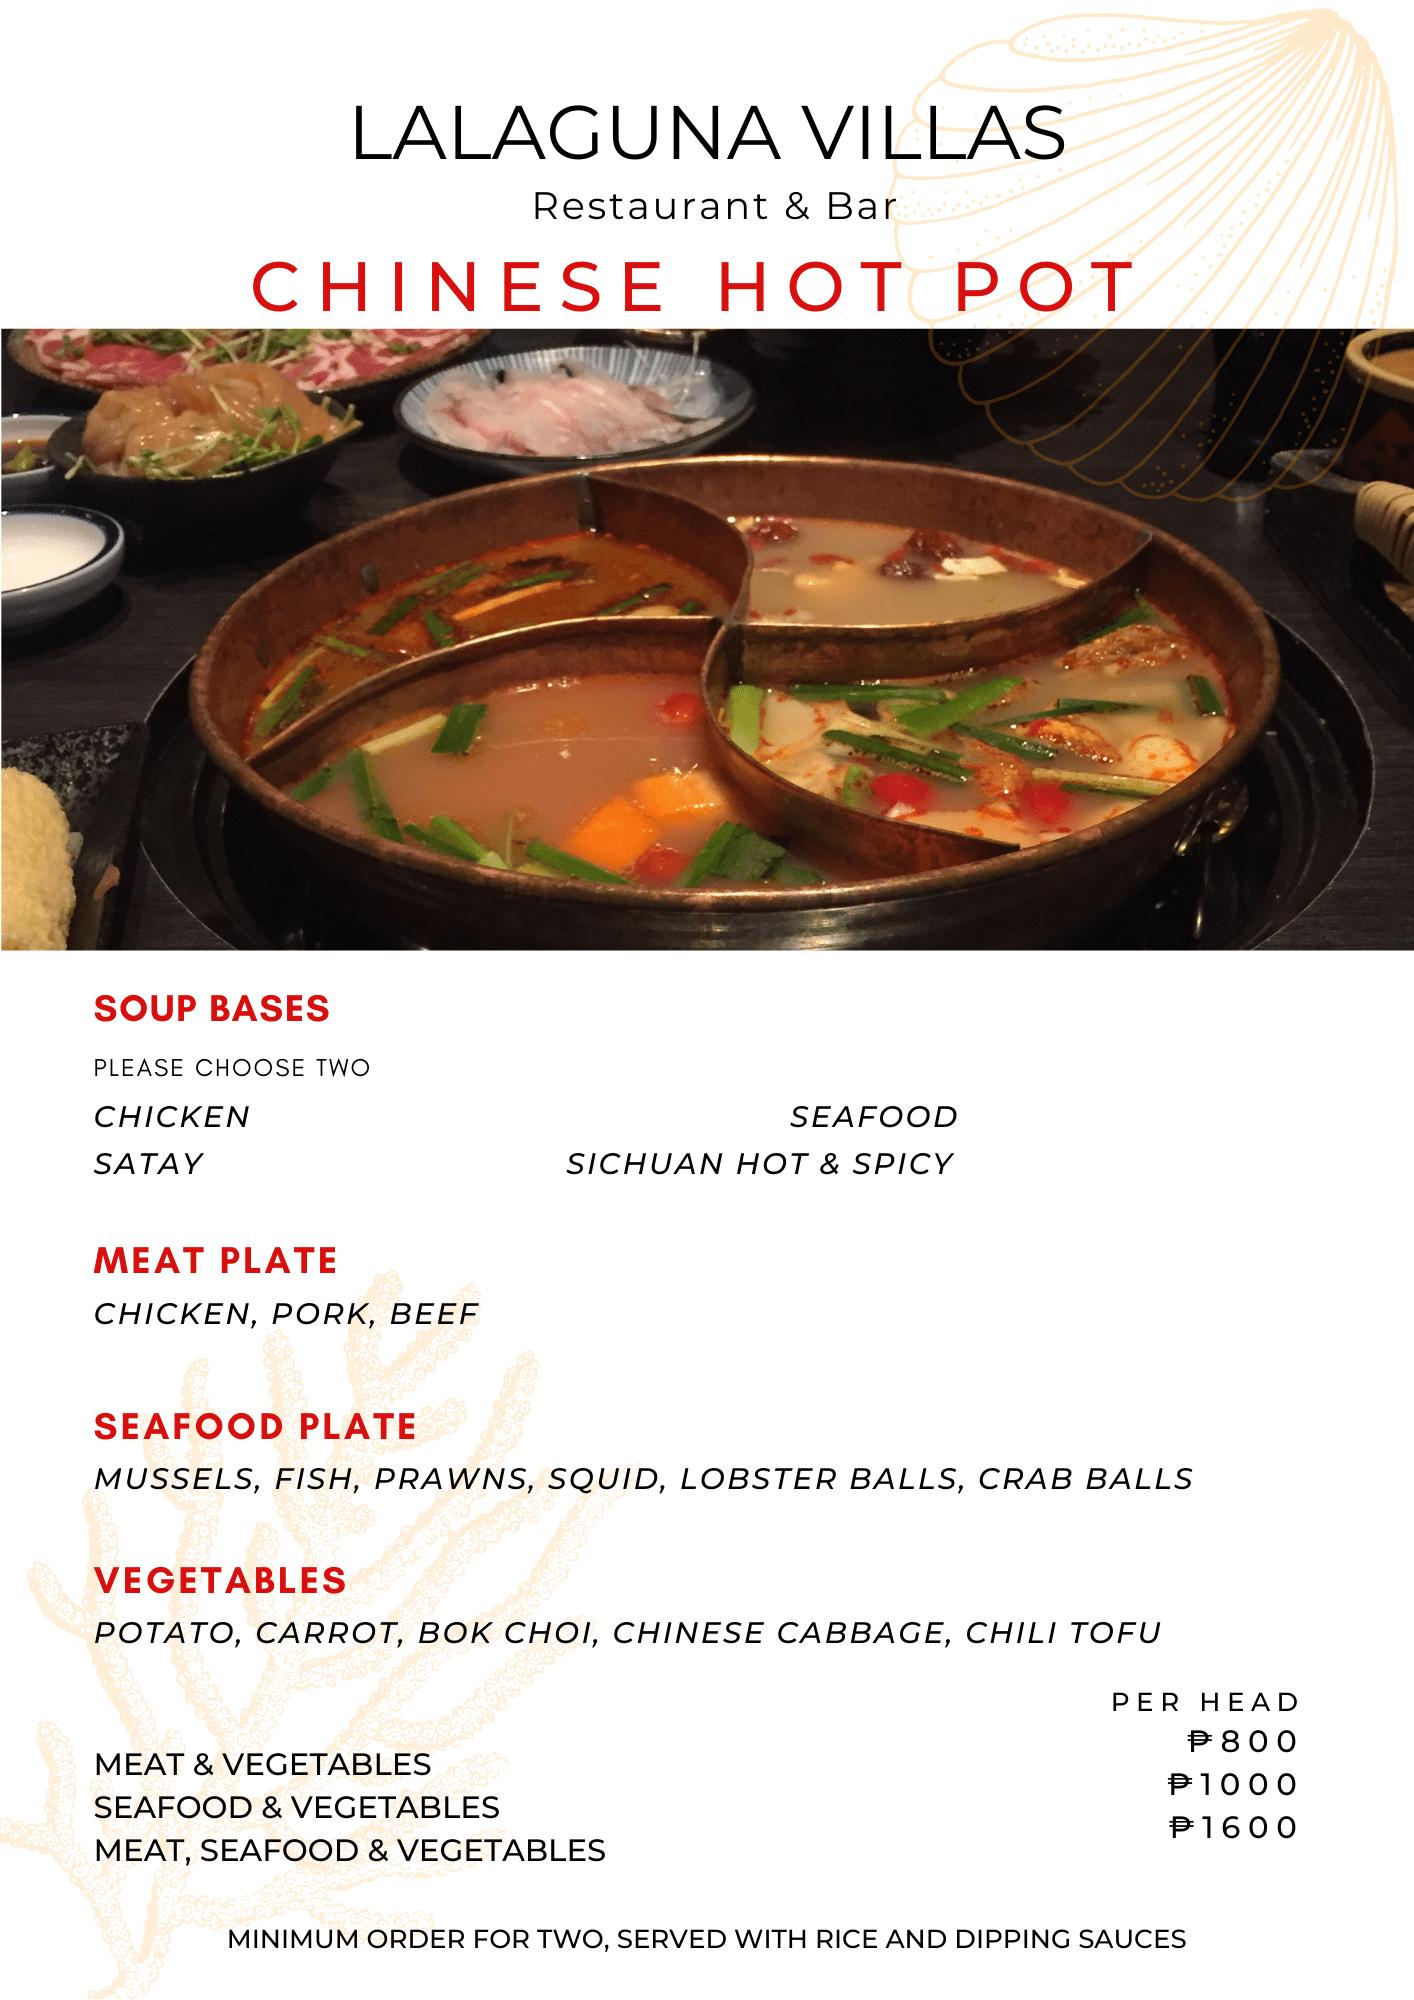 Lalaguna Villas Menu - Chinese Hot Pot